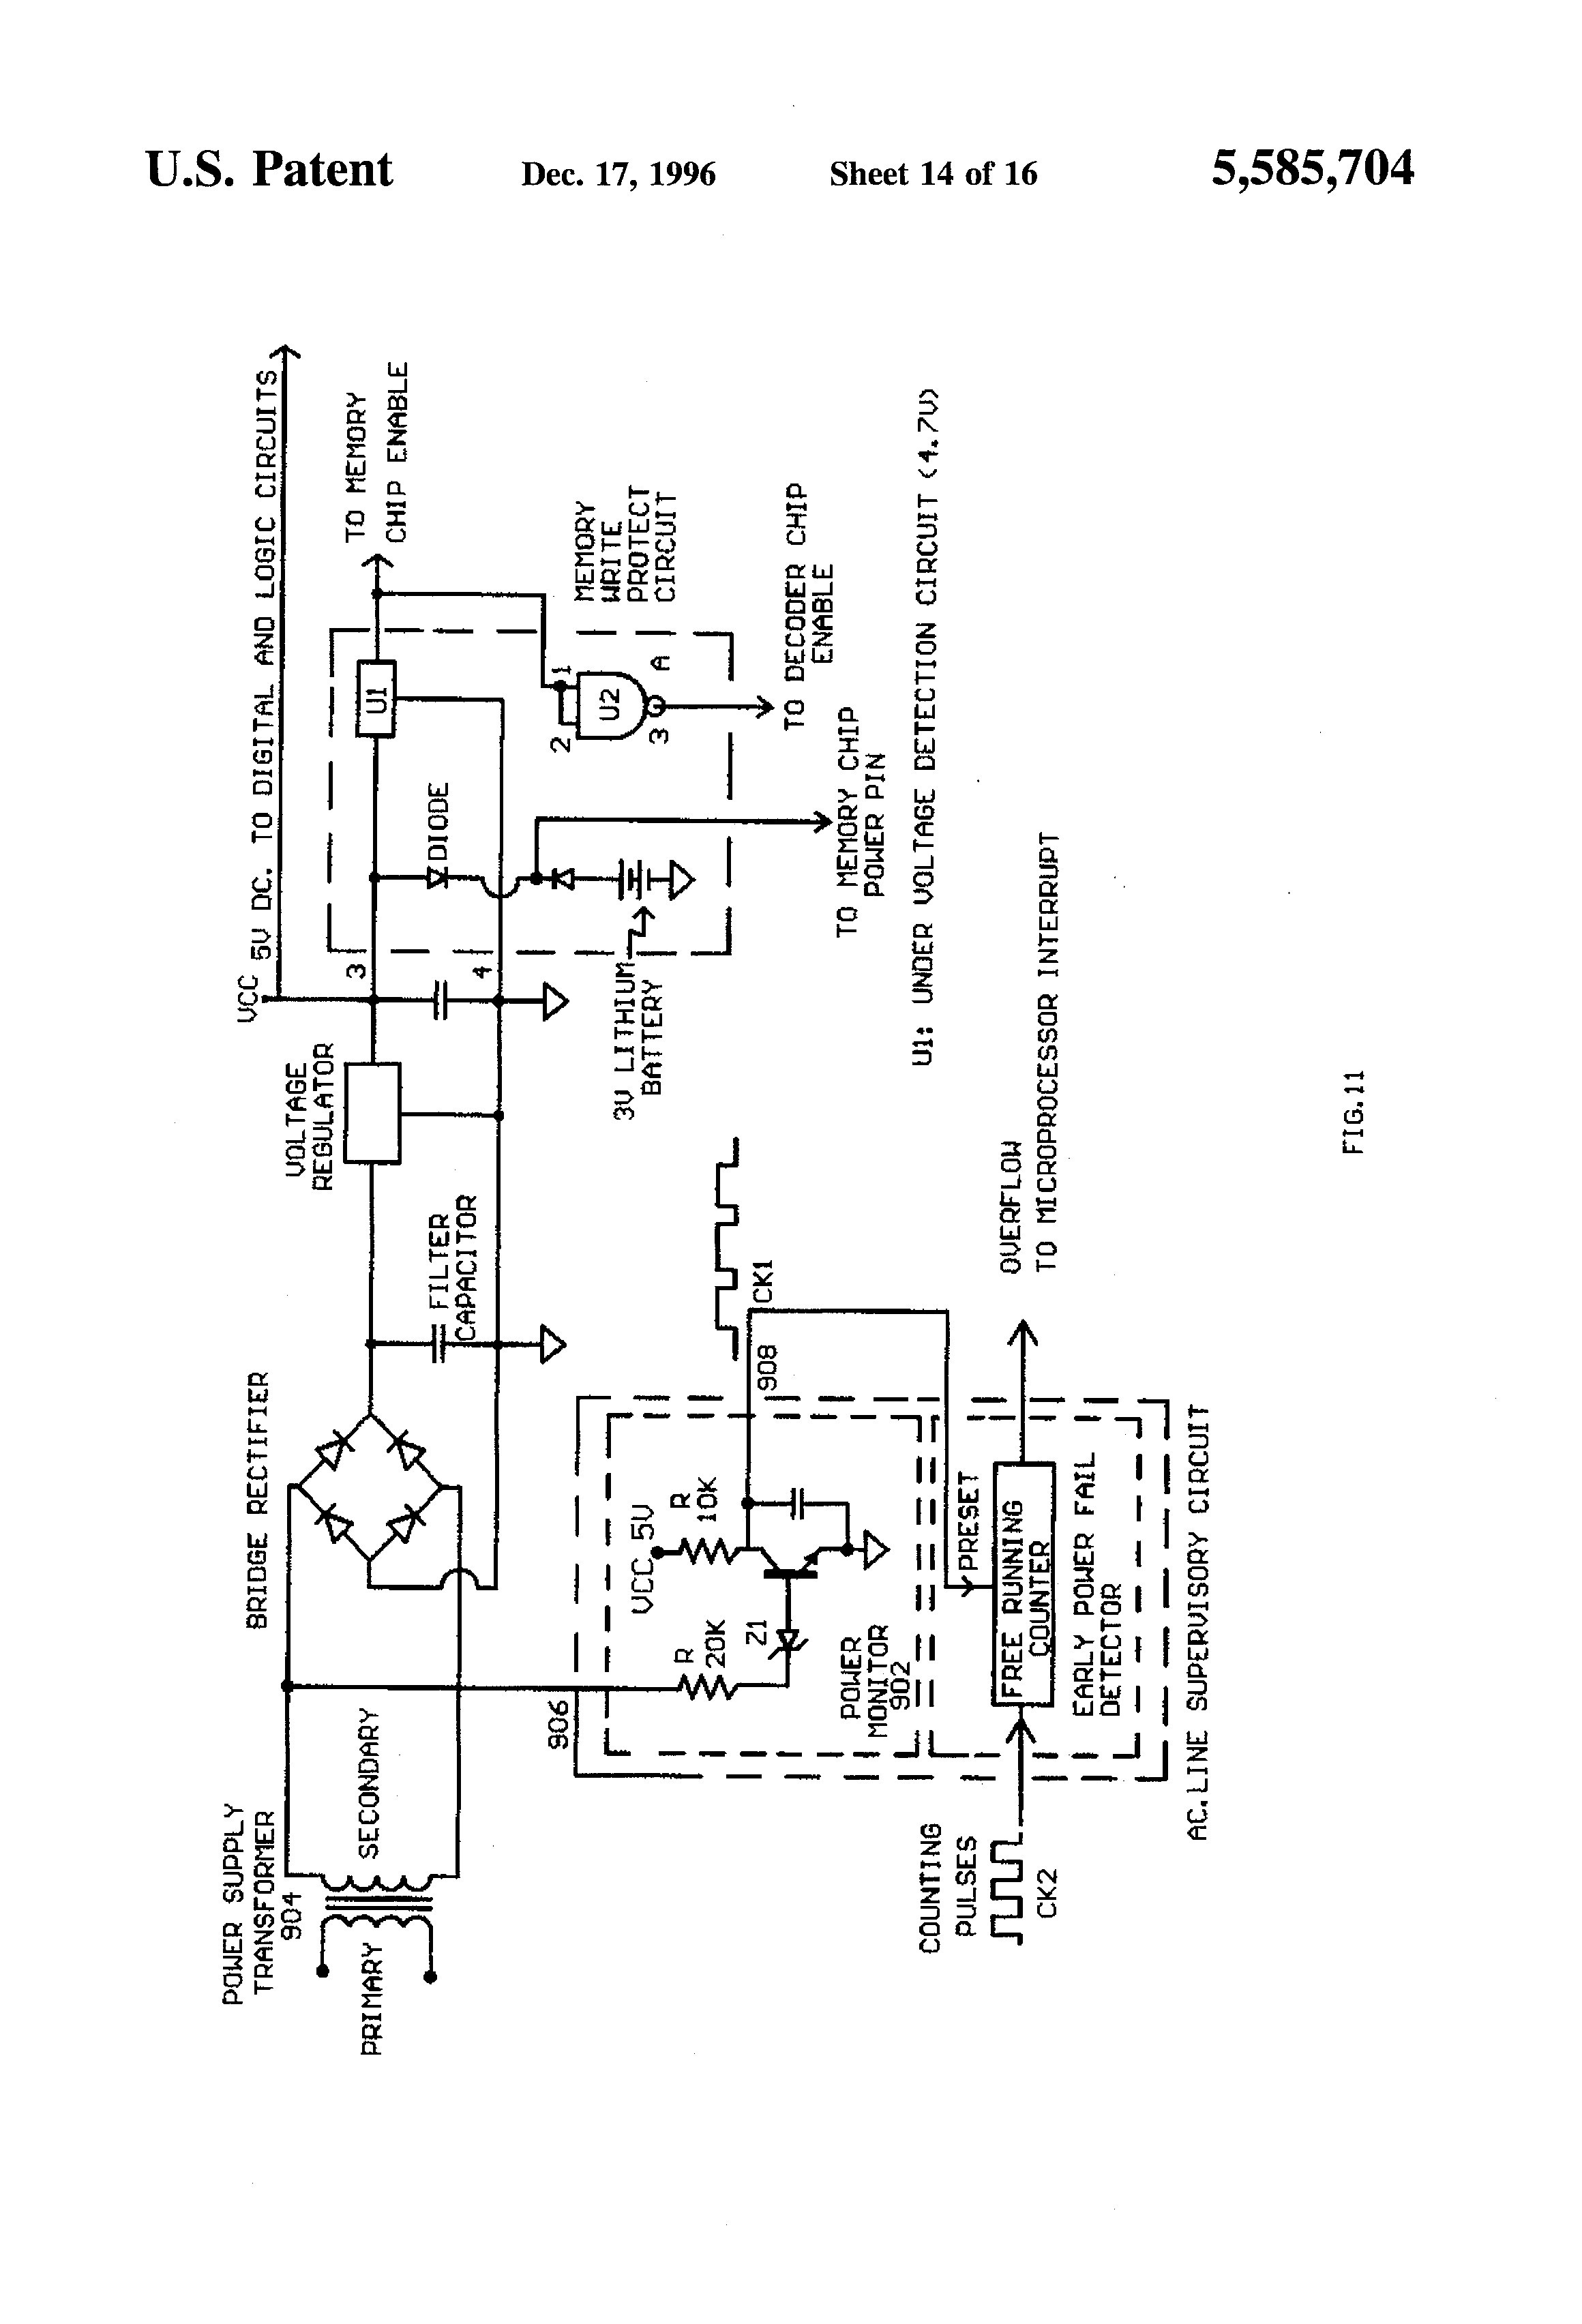 whirlpool dryer wiring diagram for plug bmw e30 ecu ler4634eq2 library